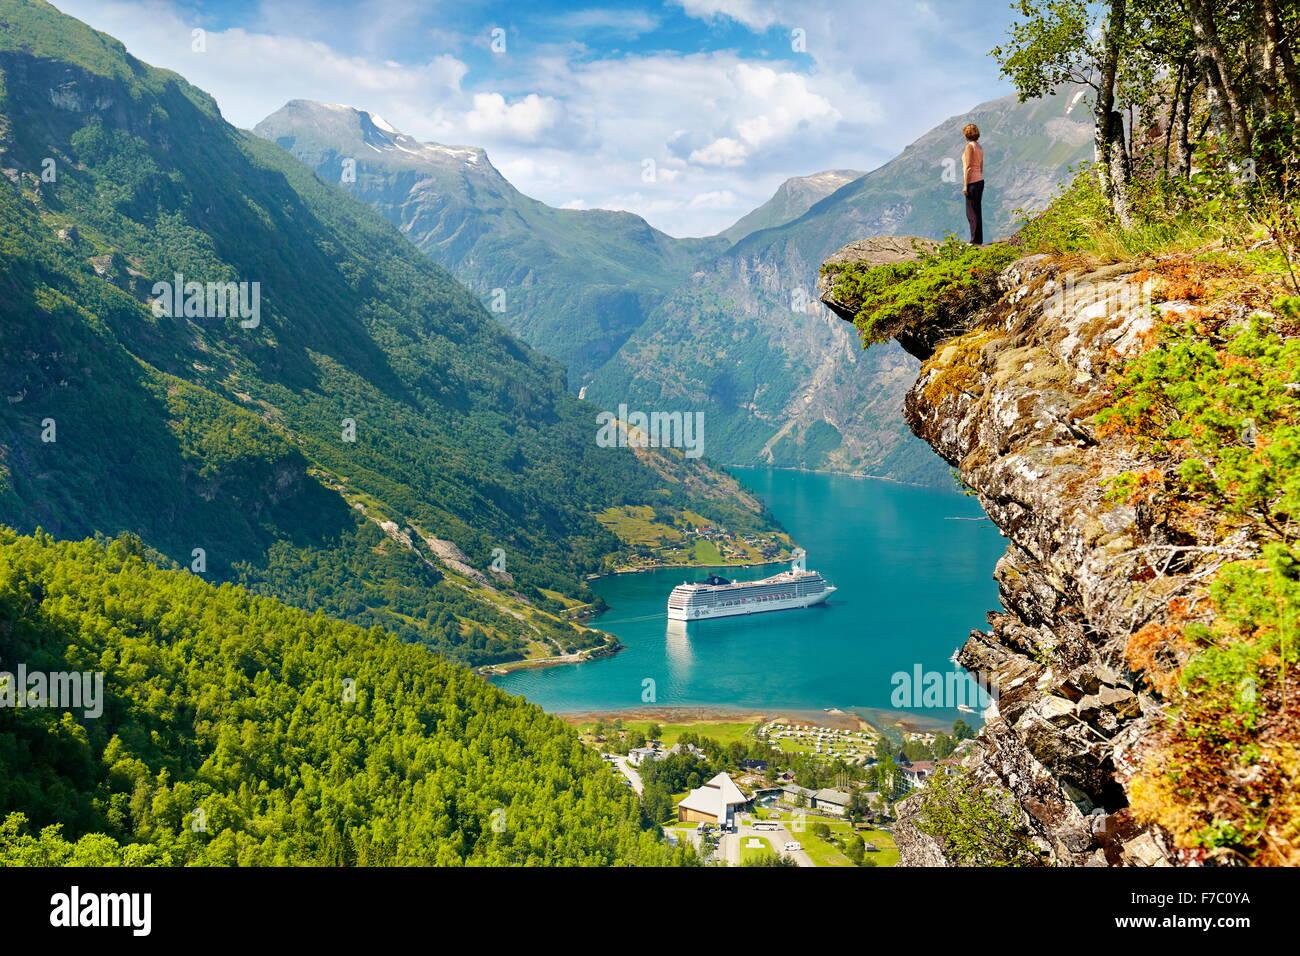 Touristen, die auf den Felsen stehen Kreuzfahrtschiff in Geiranger Fjord im Hintergrund, Norwegen Stockbild